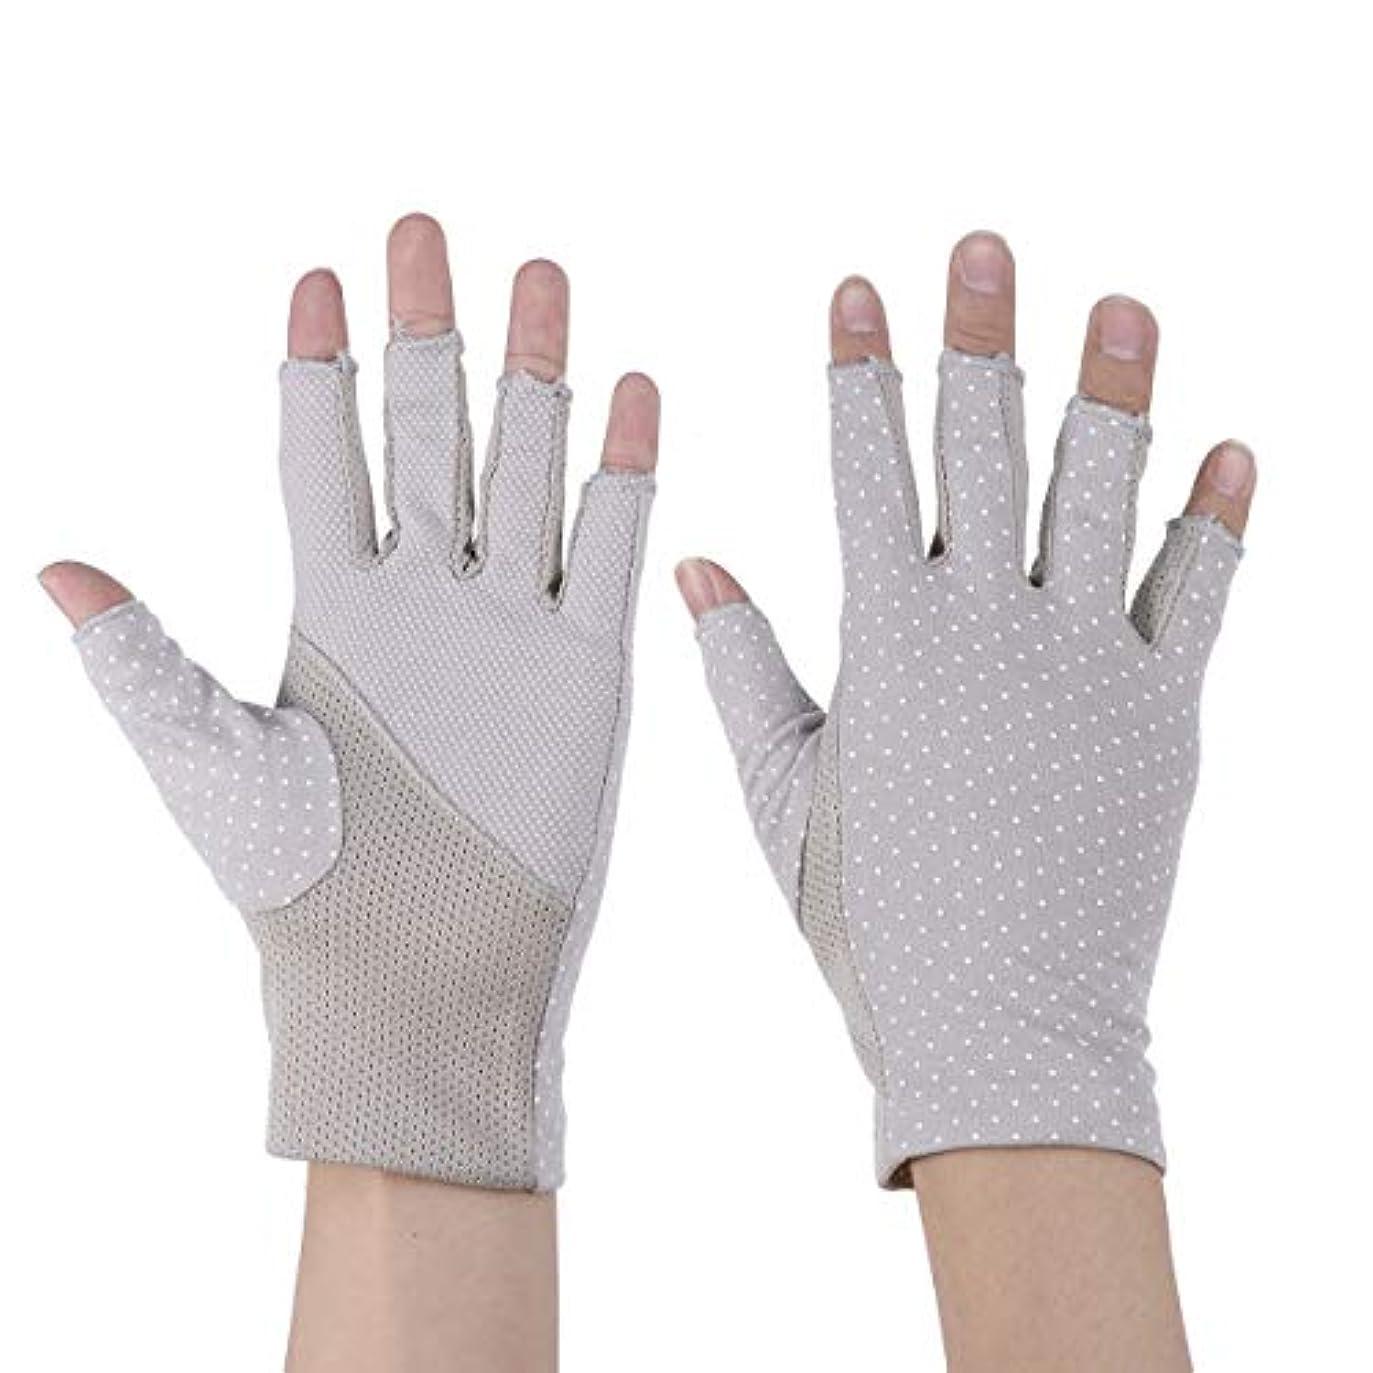 寓話冊子ペースHealifty 1ペア日焼け止め手袋ワークアウトミトンハーフフィンガー紫外線保護手袋用サイクリンググレー